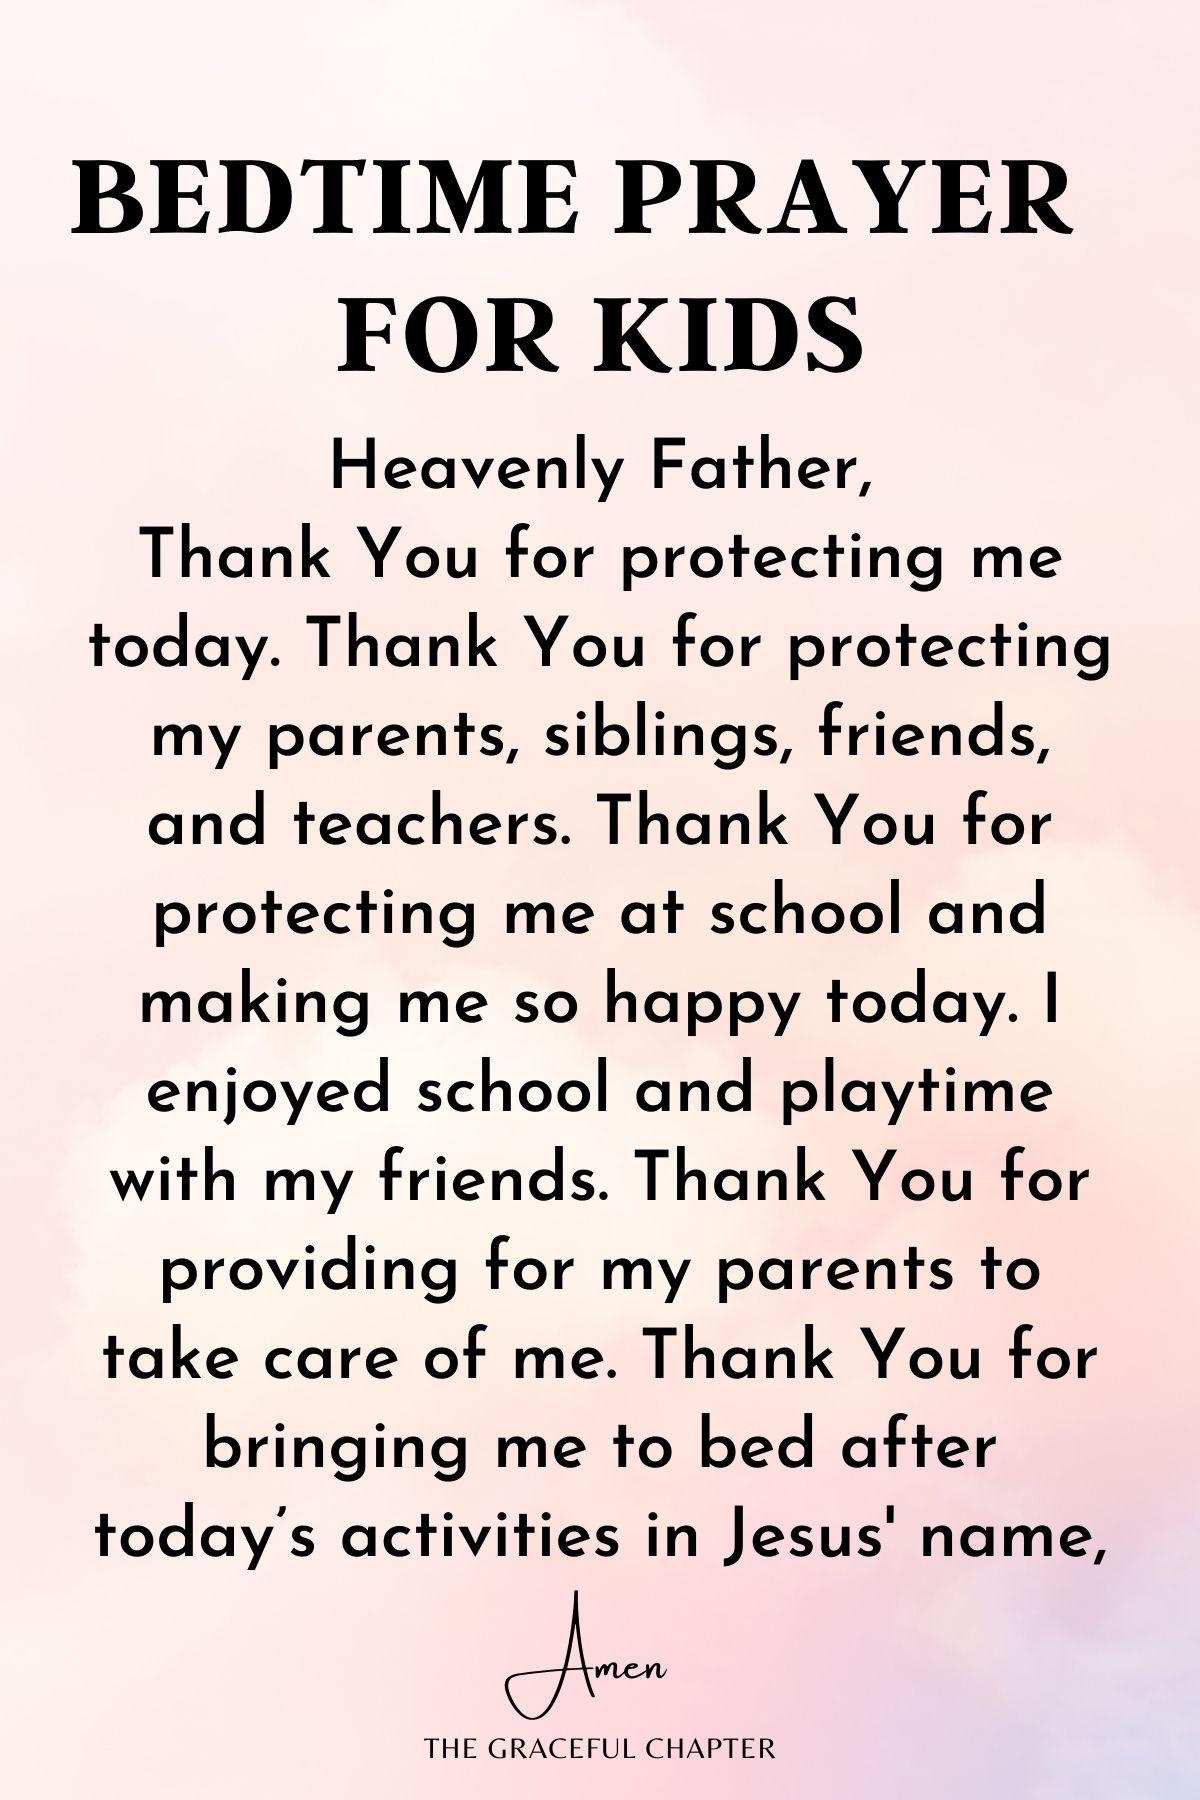 Short bedtime prayers for kids